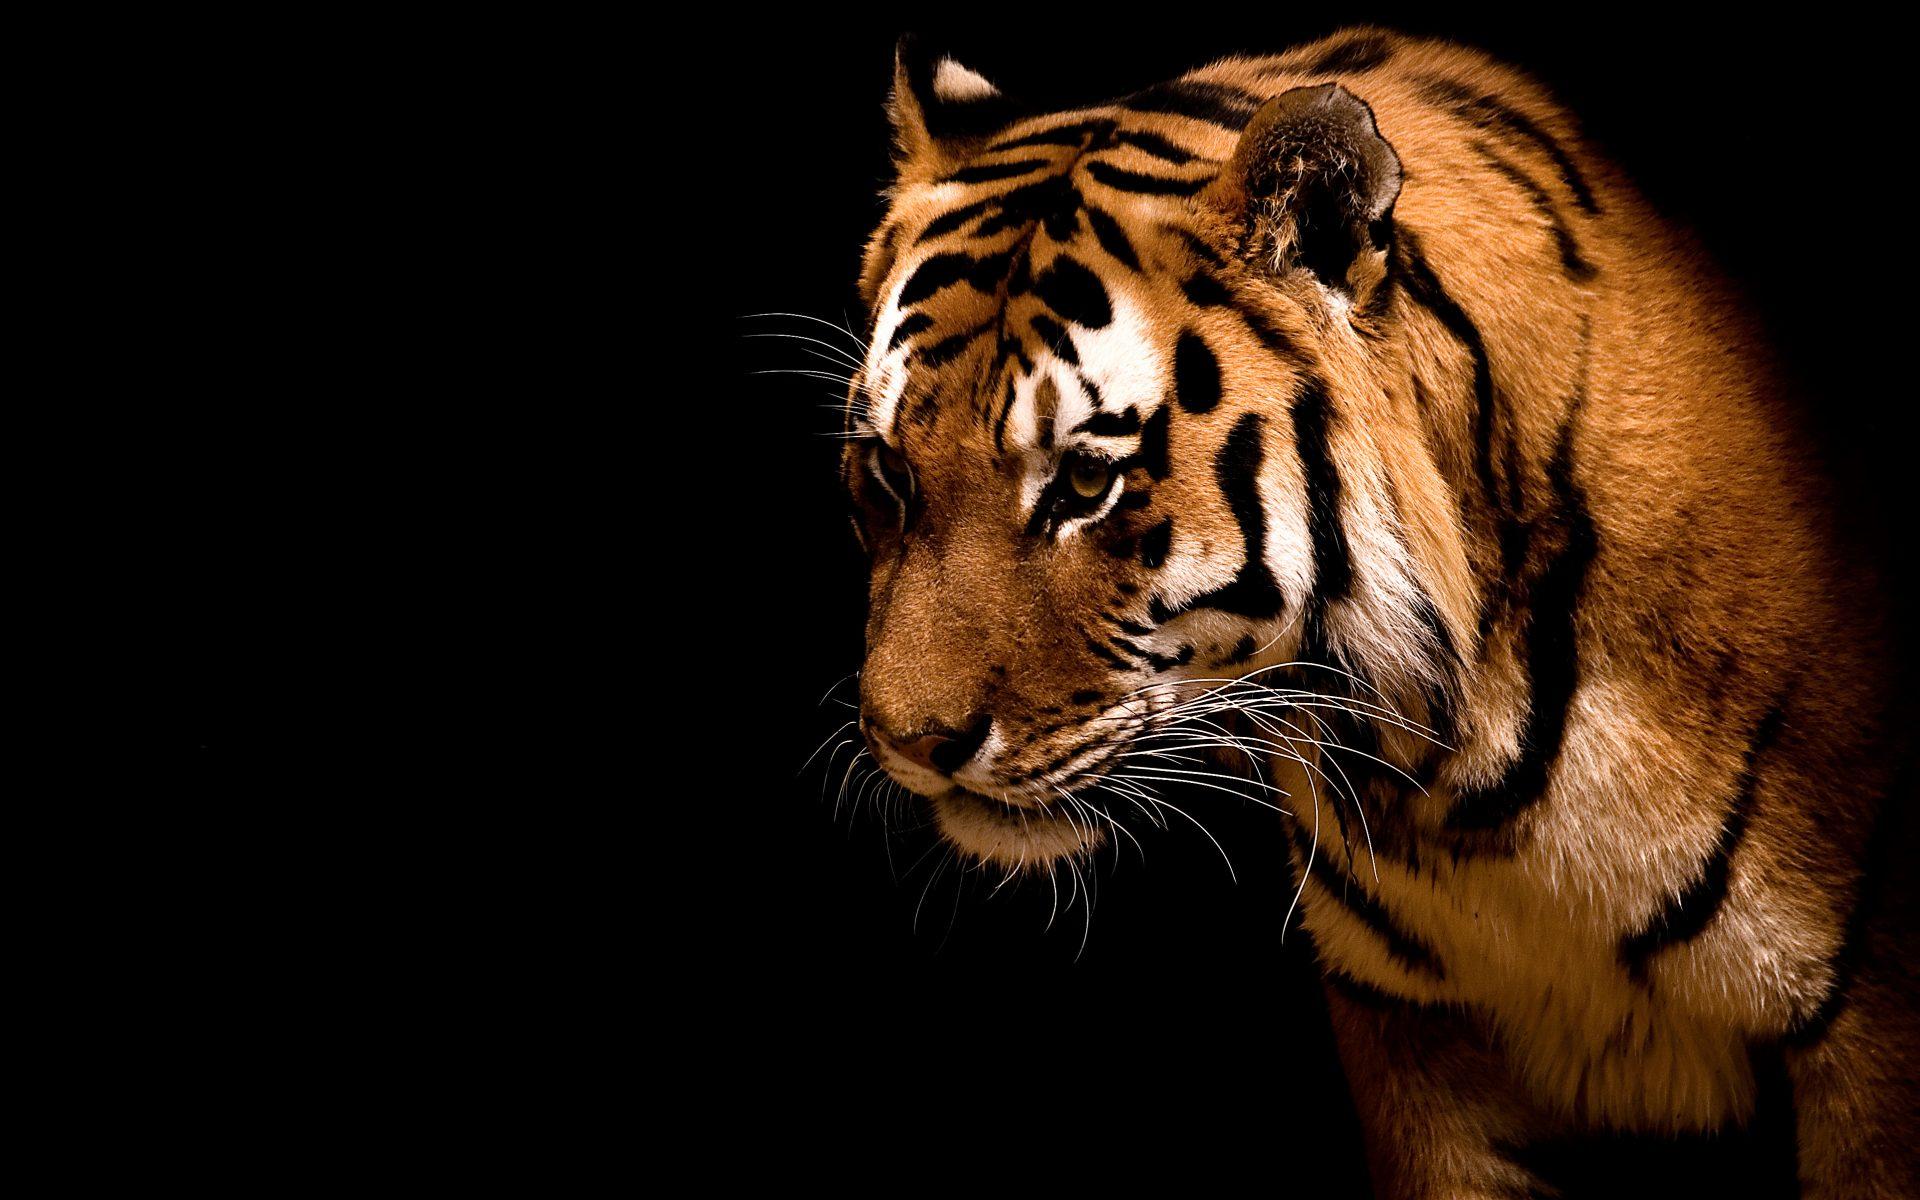 Queres imagenes de felinos salvajes en hd entra taringa - Animaux wallpaper ...